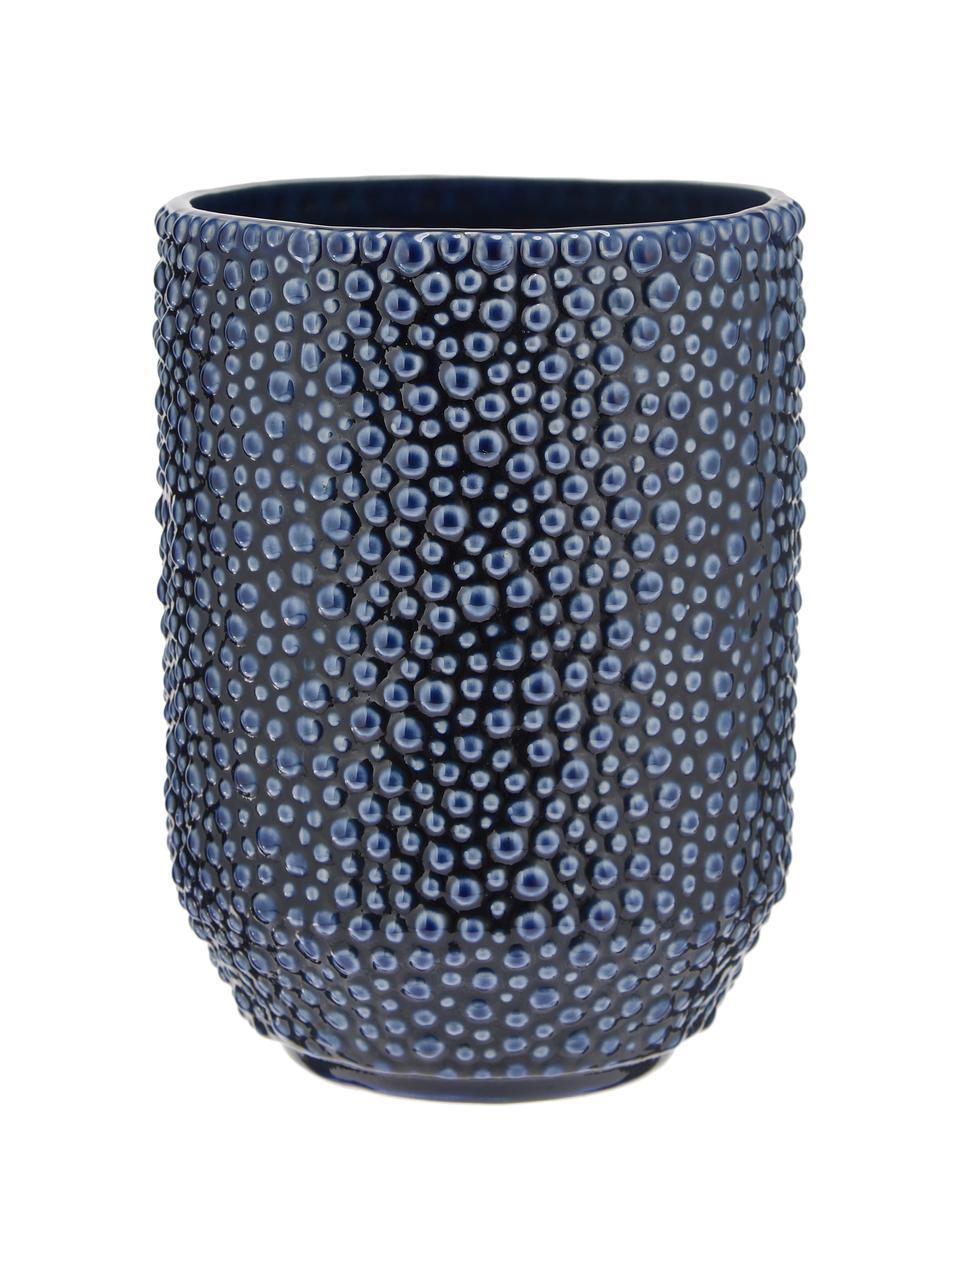 Wazon z ceramiki Ozean, Ceramika, Niebieski, Ø 15 x W 21 cm